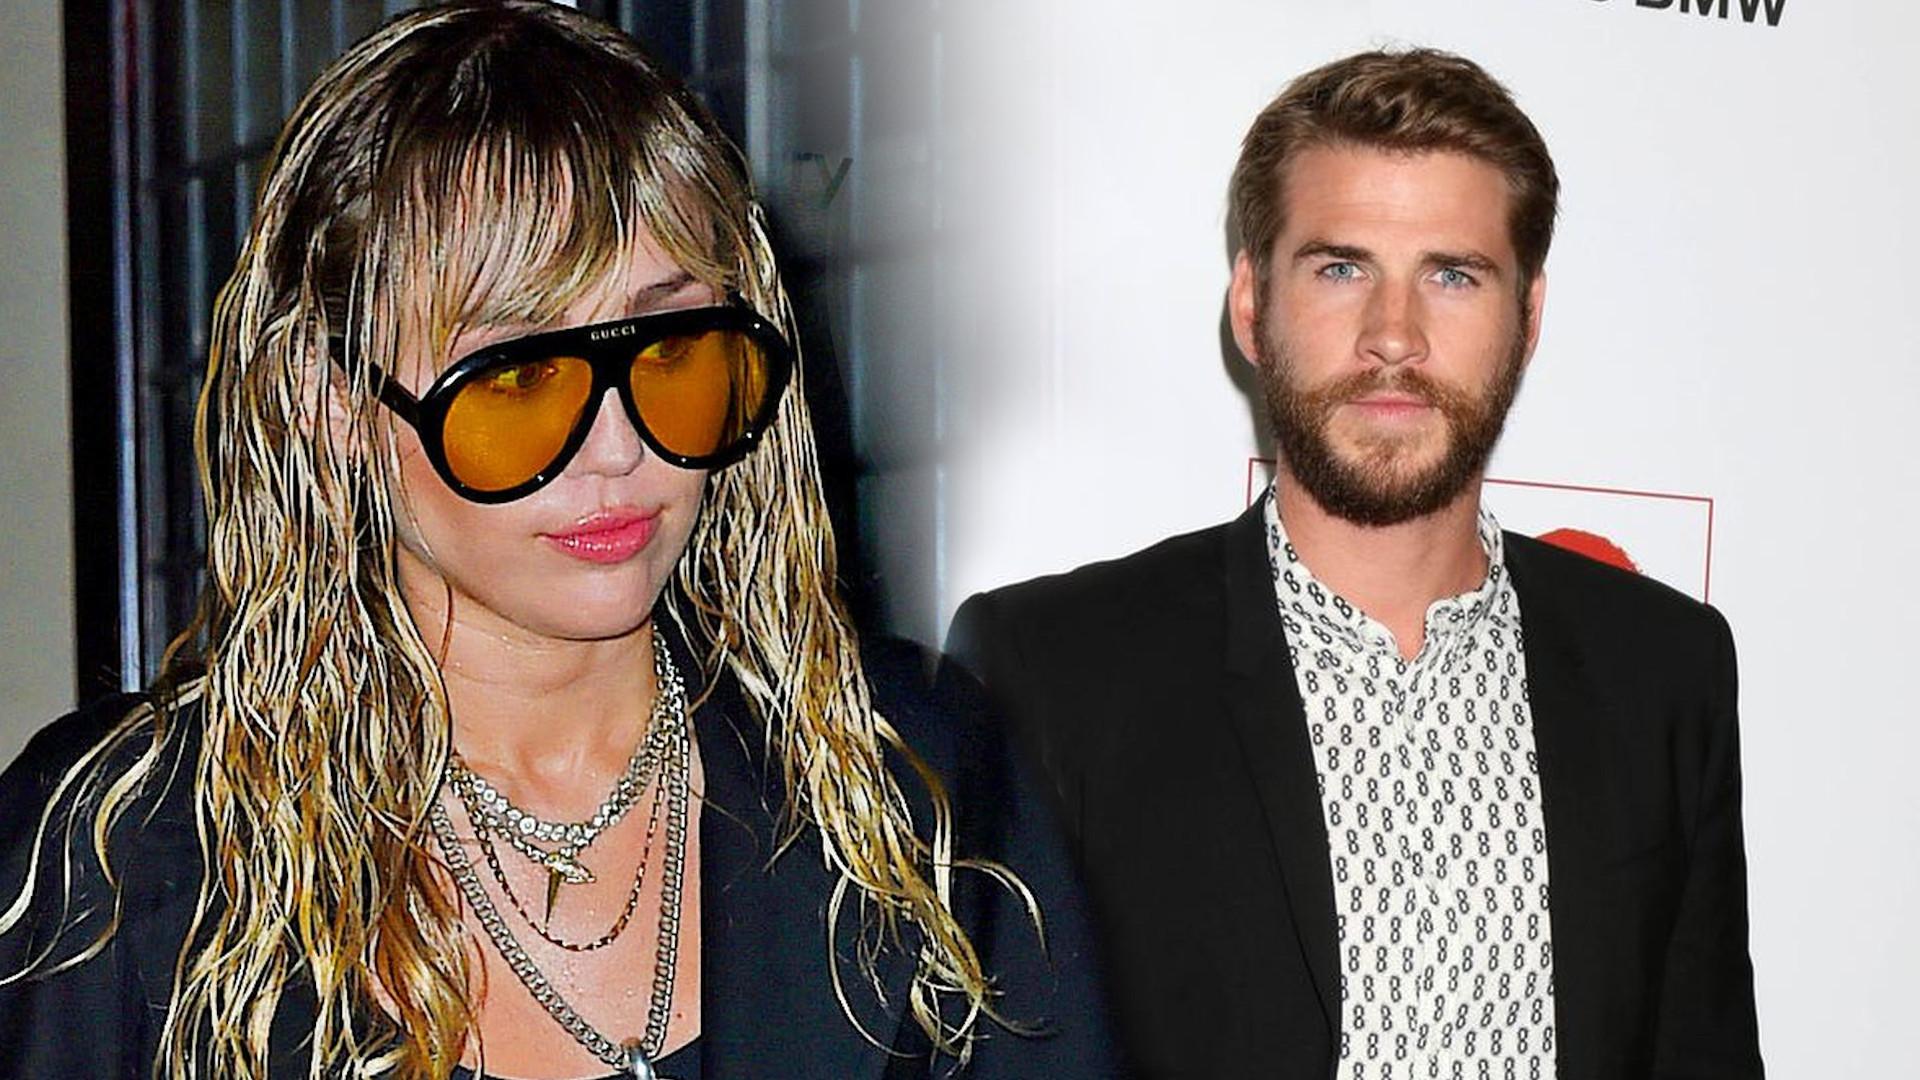 Dlaczego Liam Hemsworth tak naprawdę rozstał się z Miley Cyrus? Nie może patrzeć na to, co się z nią dzieje